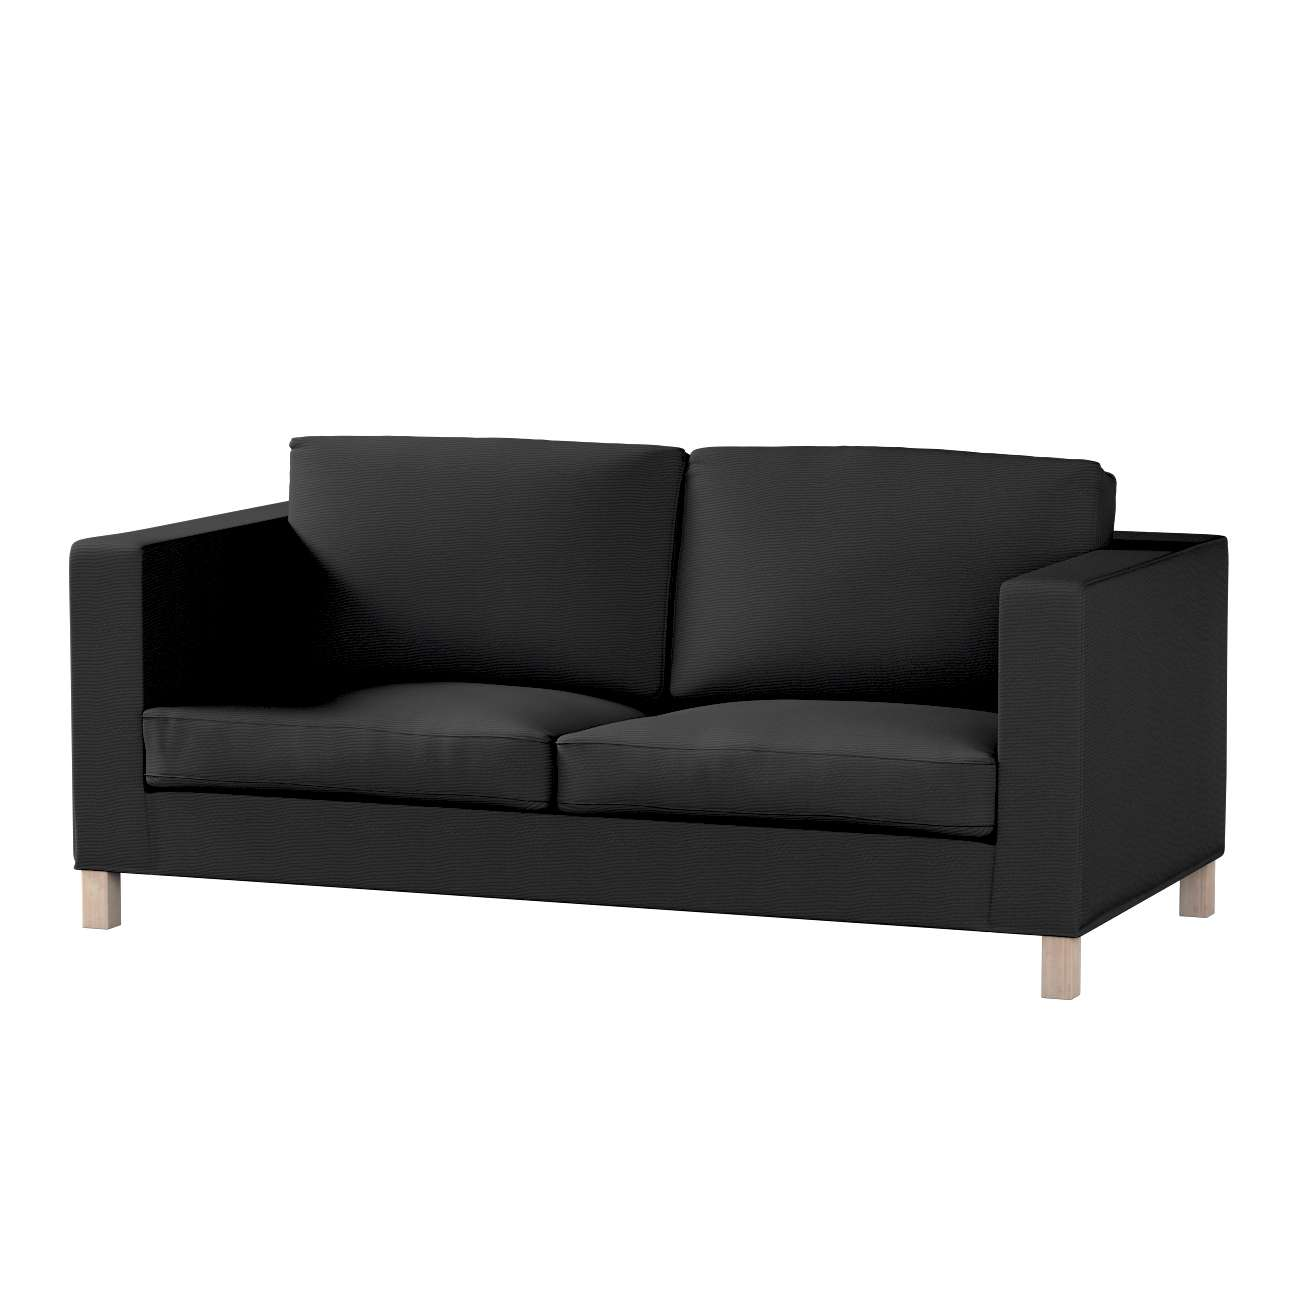 Pokrowiec na sofę Karlanda rozkładaną, krótki w kolekcji Etna, tkanina: 705-00